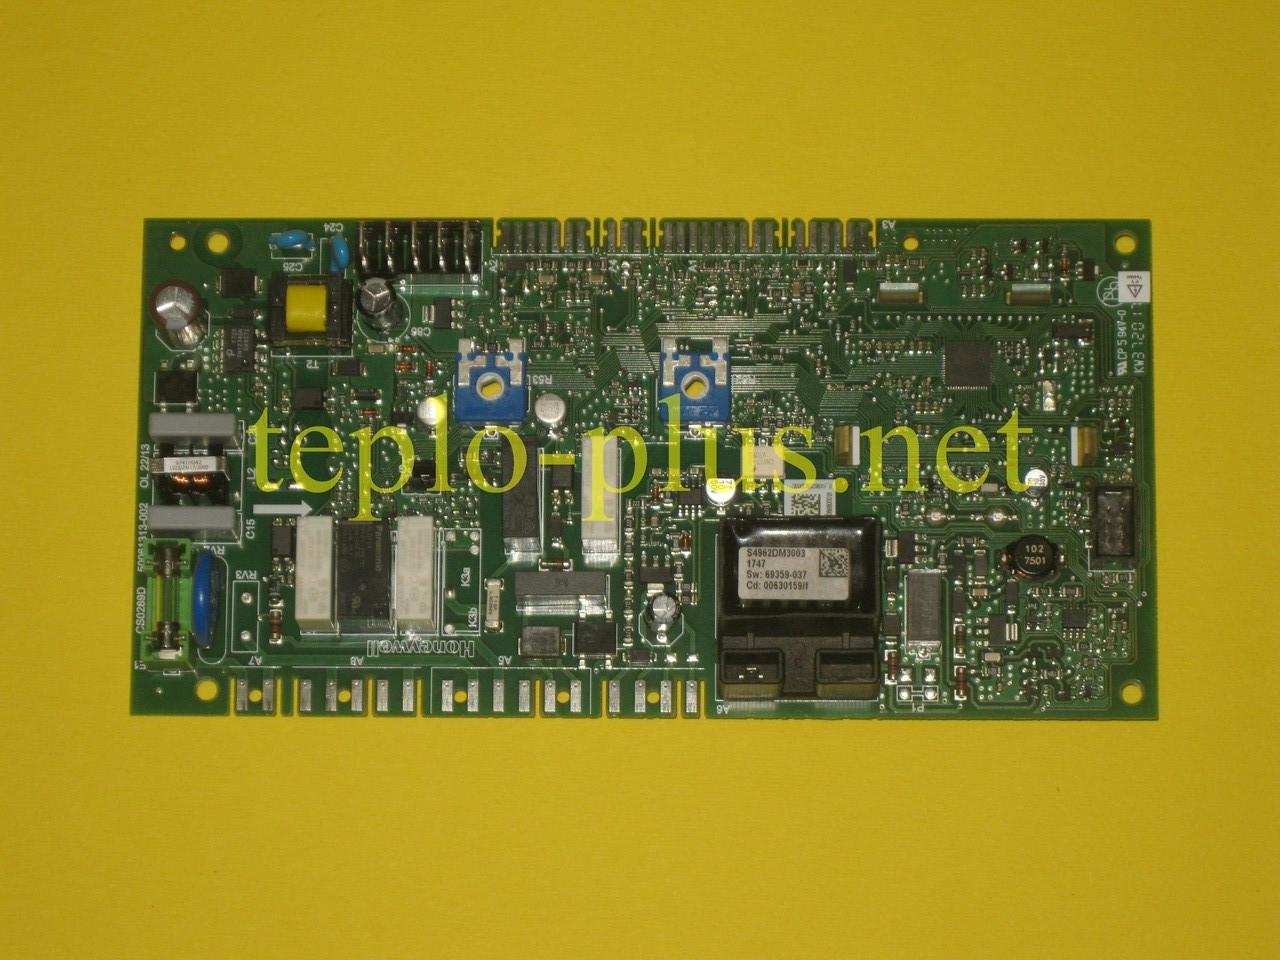 Плата управления 95000950 Unical IDEA AC 23, CS 18, CS 24, CS 28, CS 32, Roda VorTech One CS 18, CS 24, CS 28, фото 2